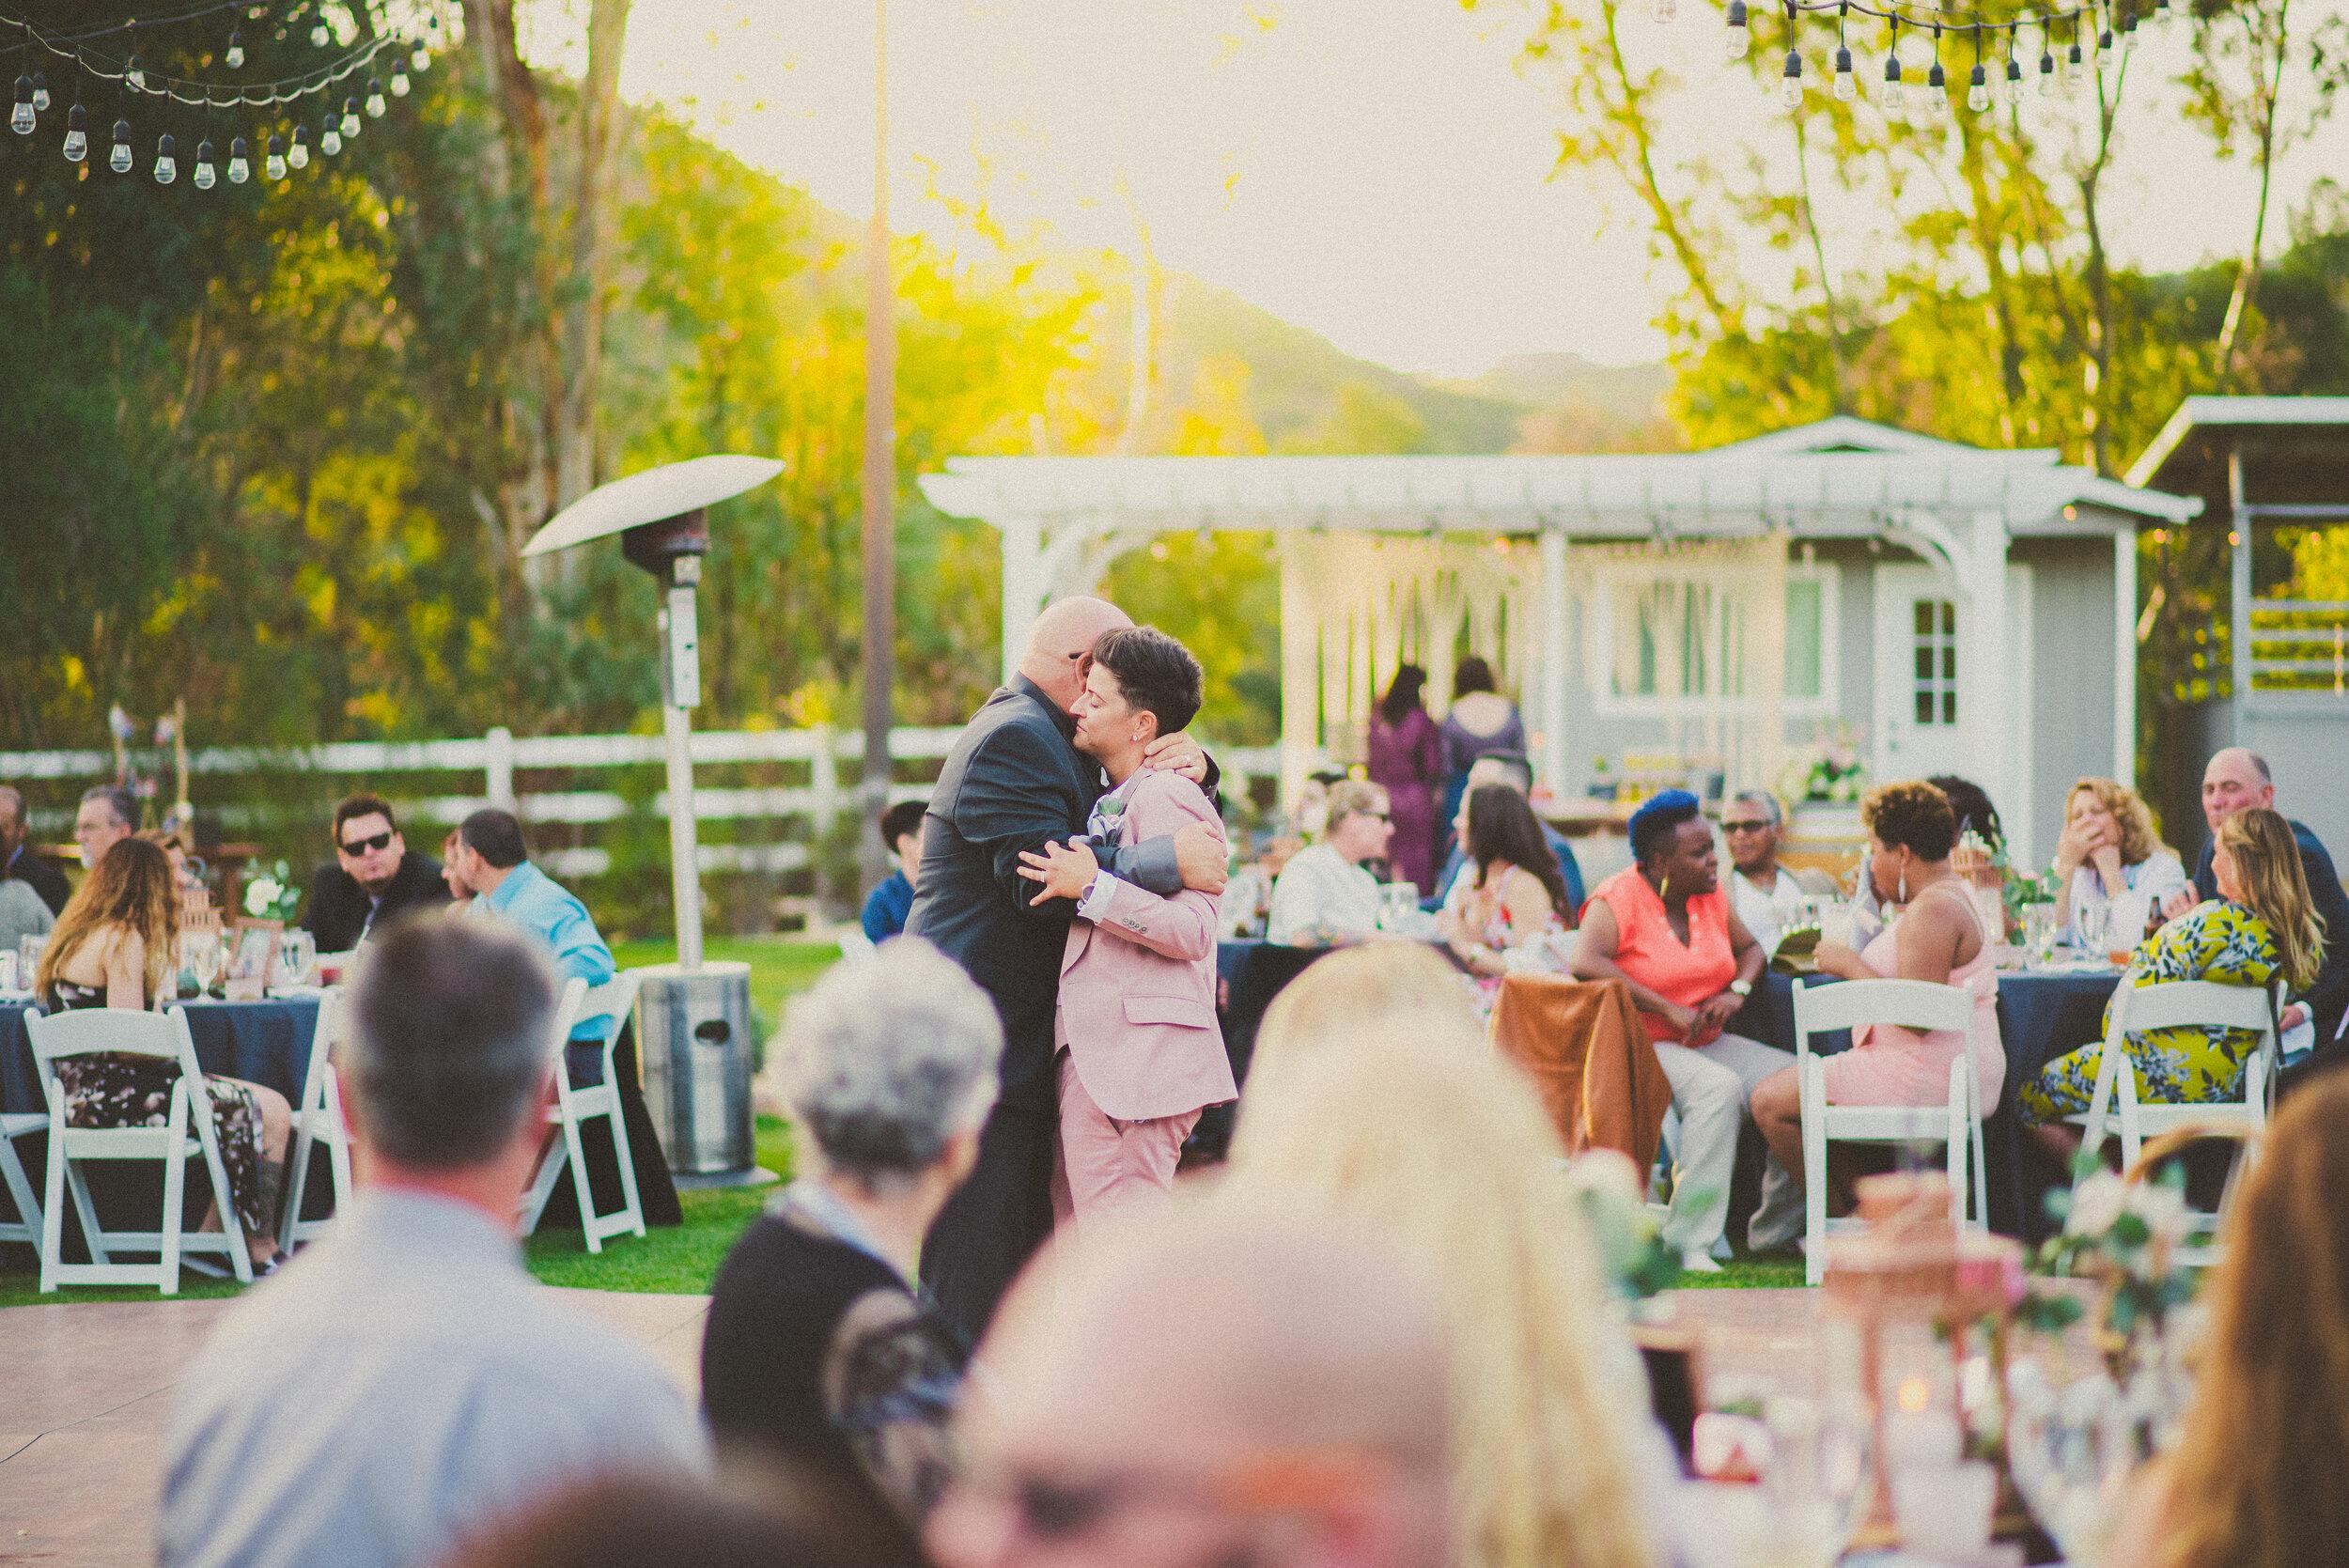 Demiglio Wedding - Reception-106.jpg